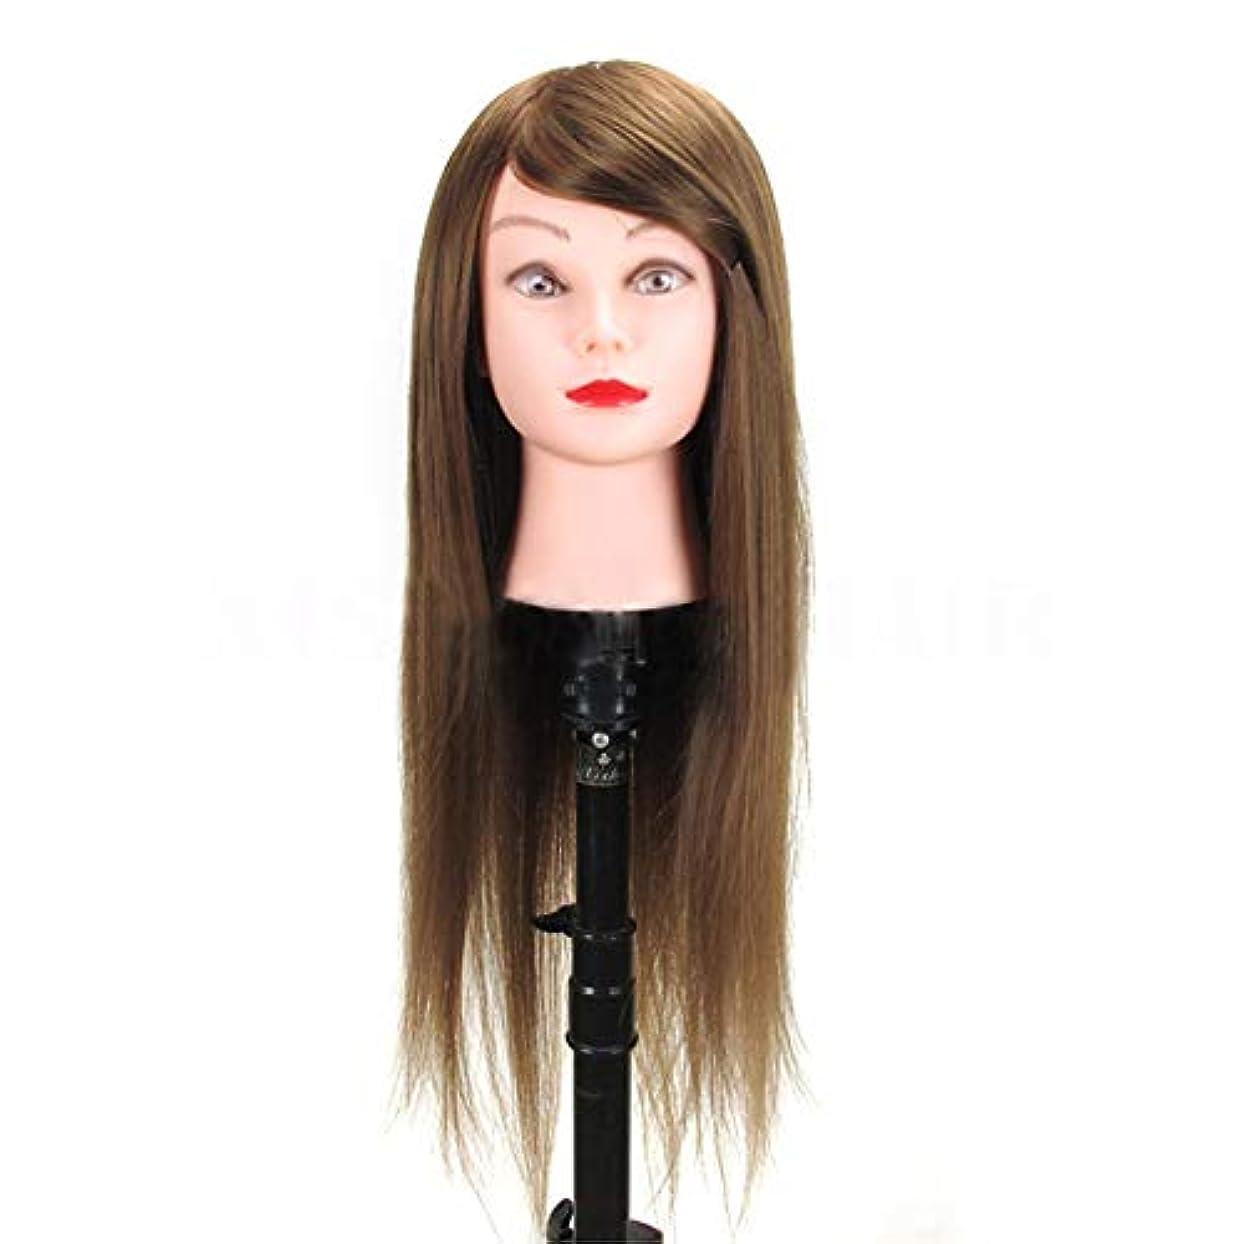 心配弁護人繁栄する高温シルク編組ヘアスタイリングヘッドモデル理髪店理髪ダミーヘッド化粧練習マネキンヘッド